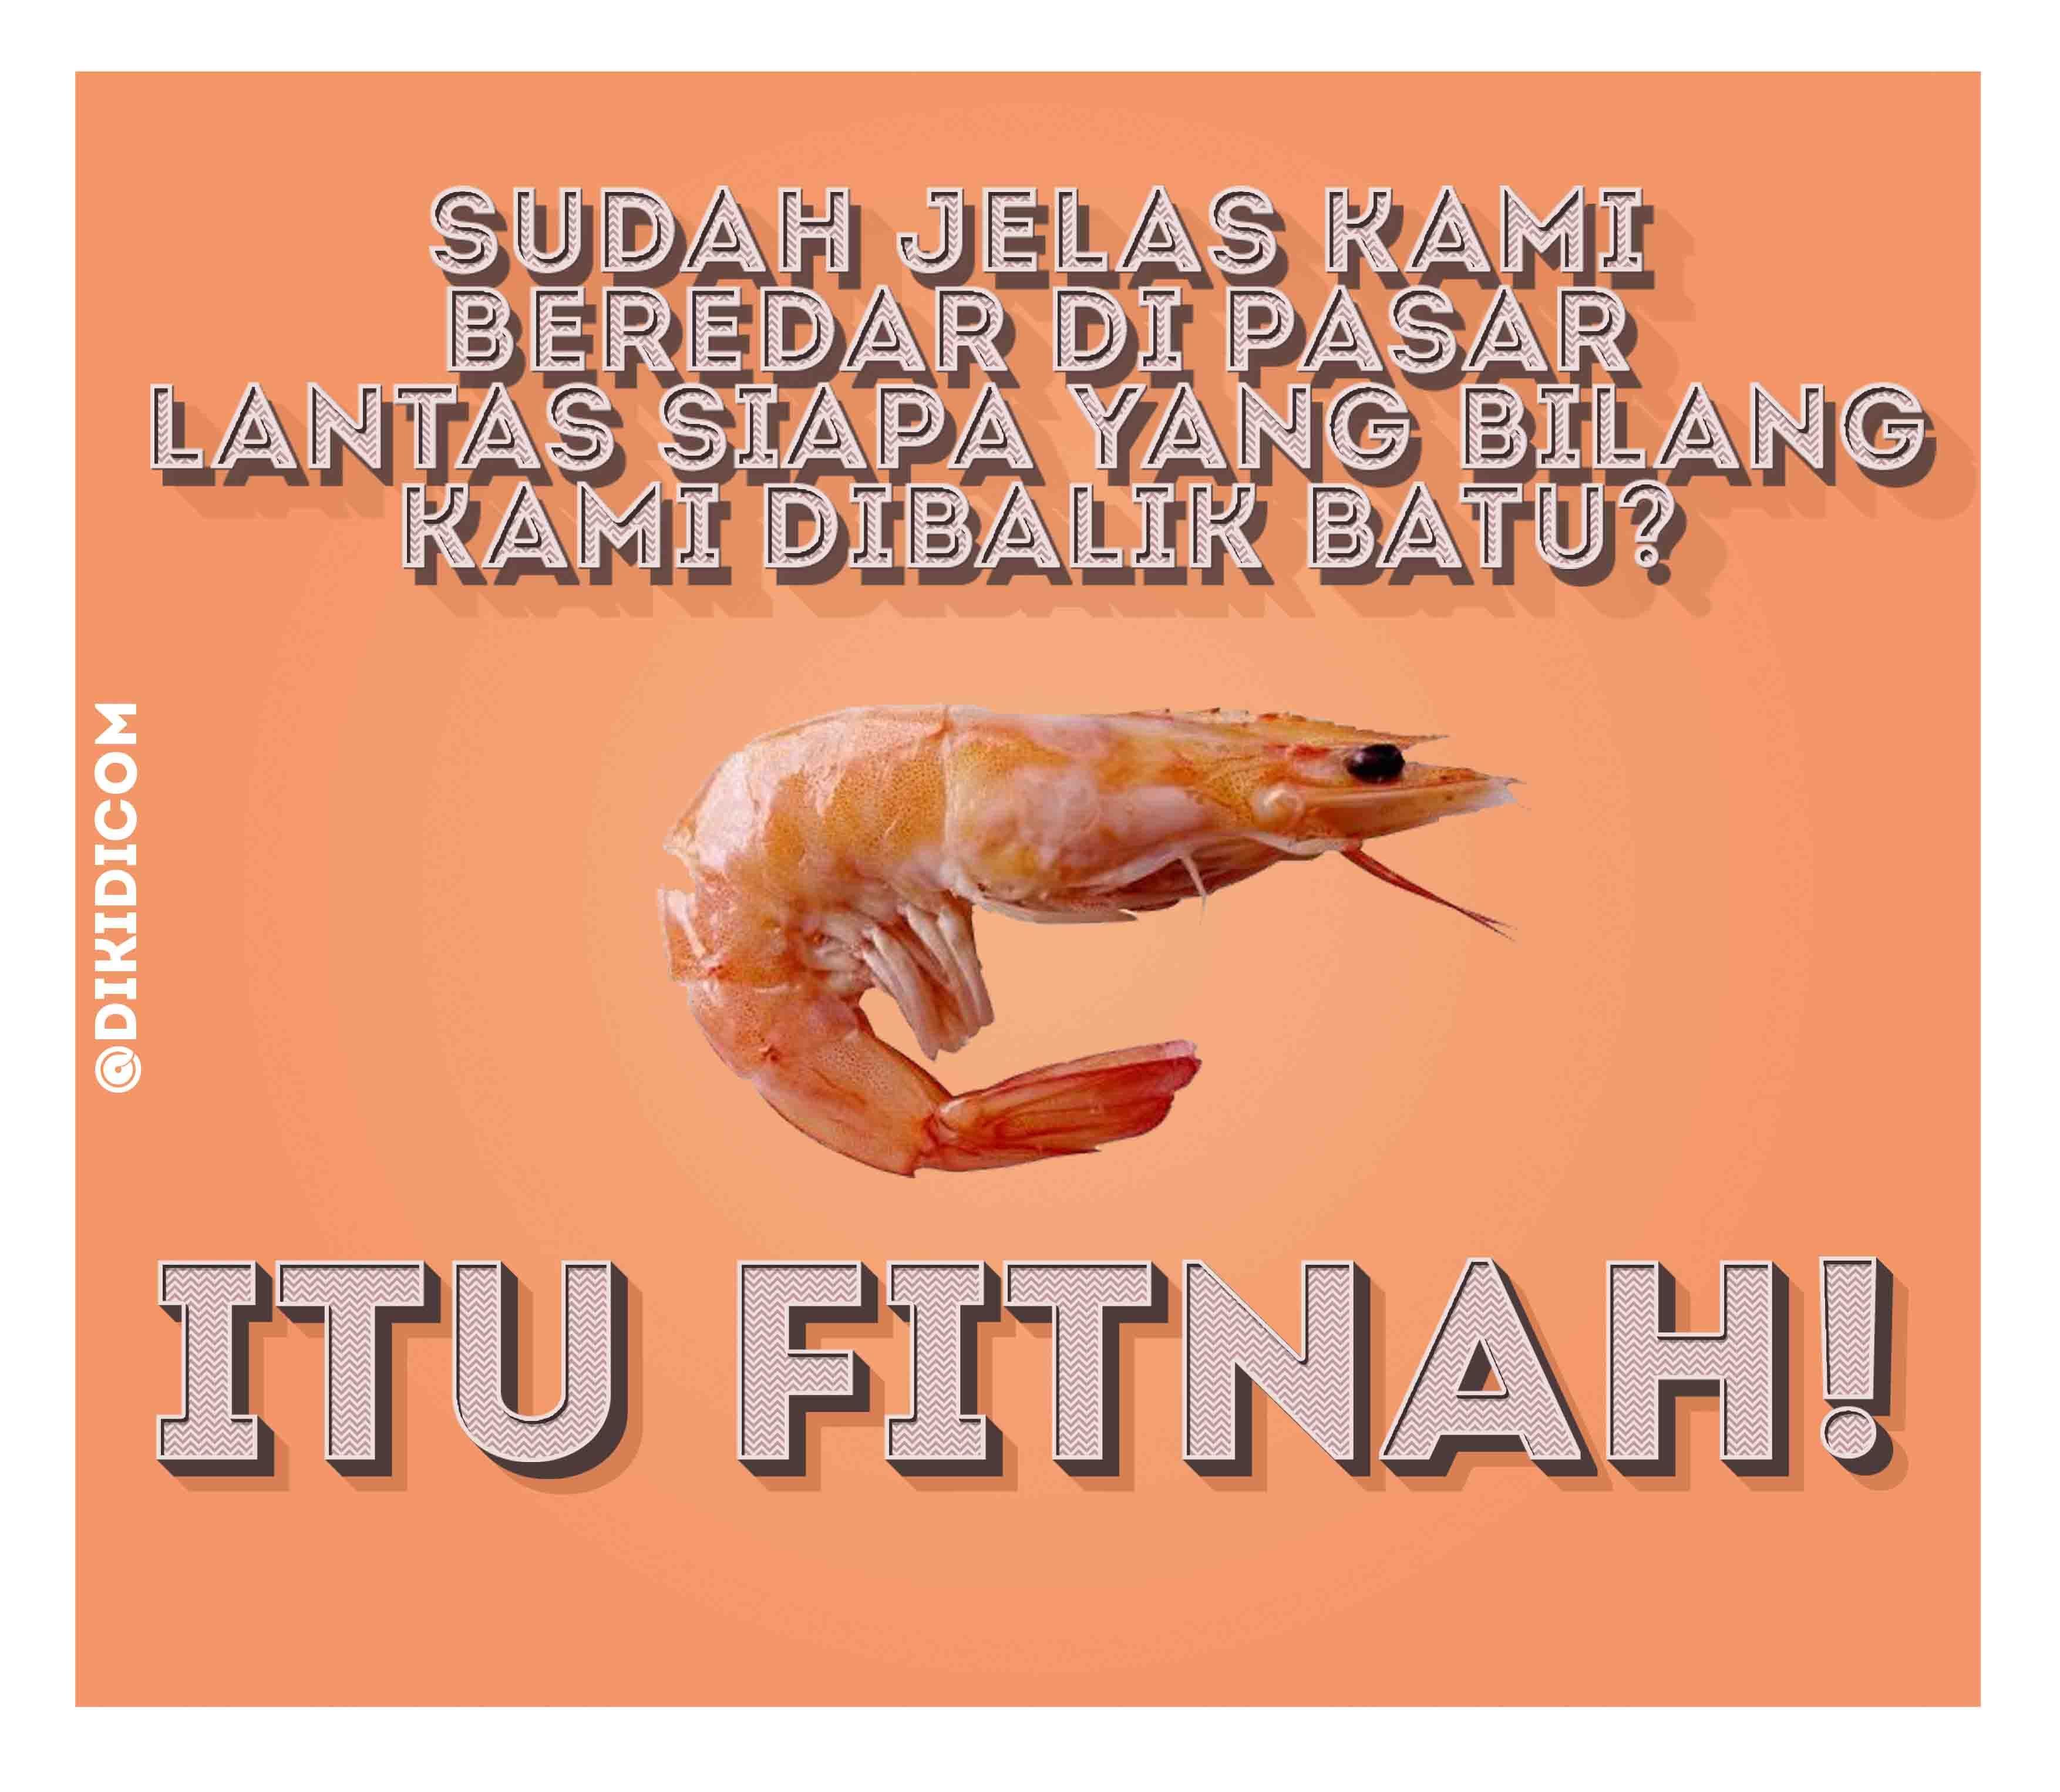 ITU FITNAH